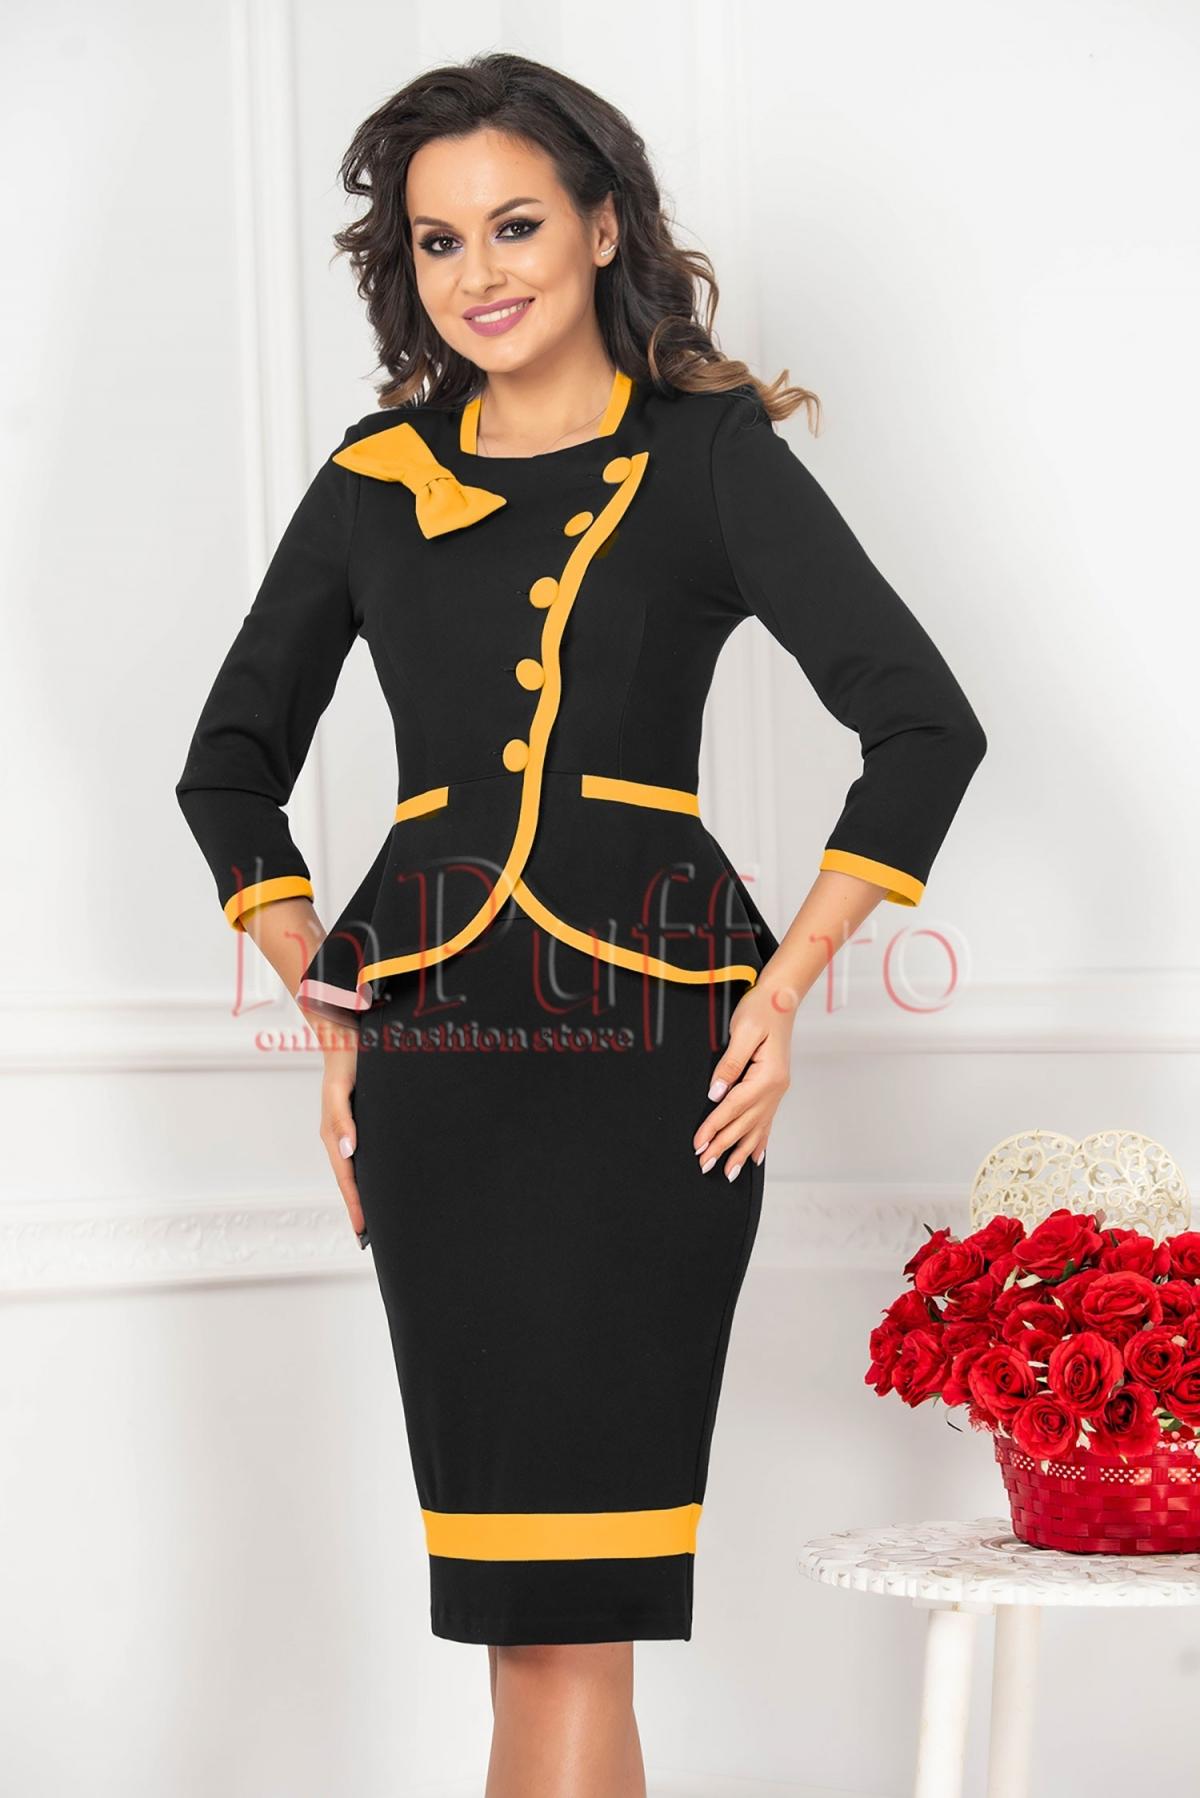 Compleu dama MBG din stofa negru cu insertii galben mustar